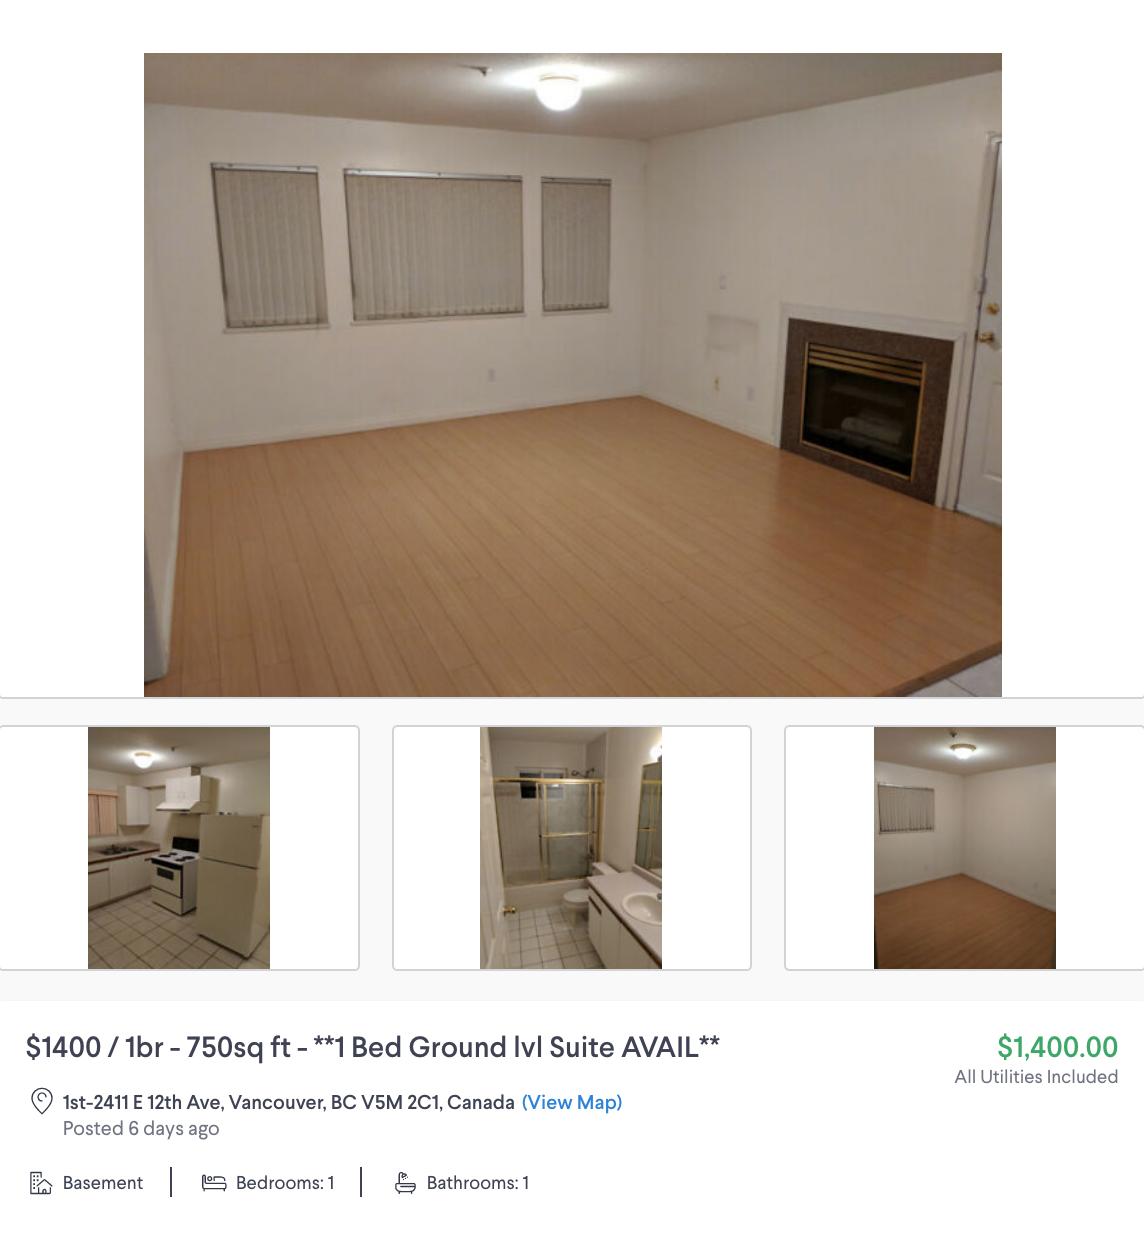 Аренда бейсмента площадью 70&nbsp;м² с одной спальней недалеко от центра стоит 1400&nbsp;CAD (79&nbsp;800&nbsp;<span class=ruble>Р</span>) в месяц